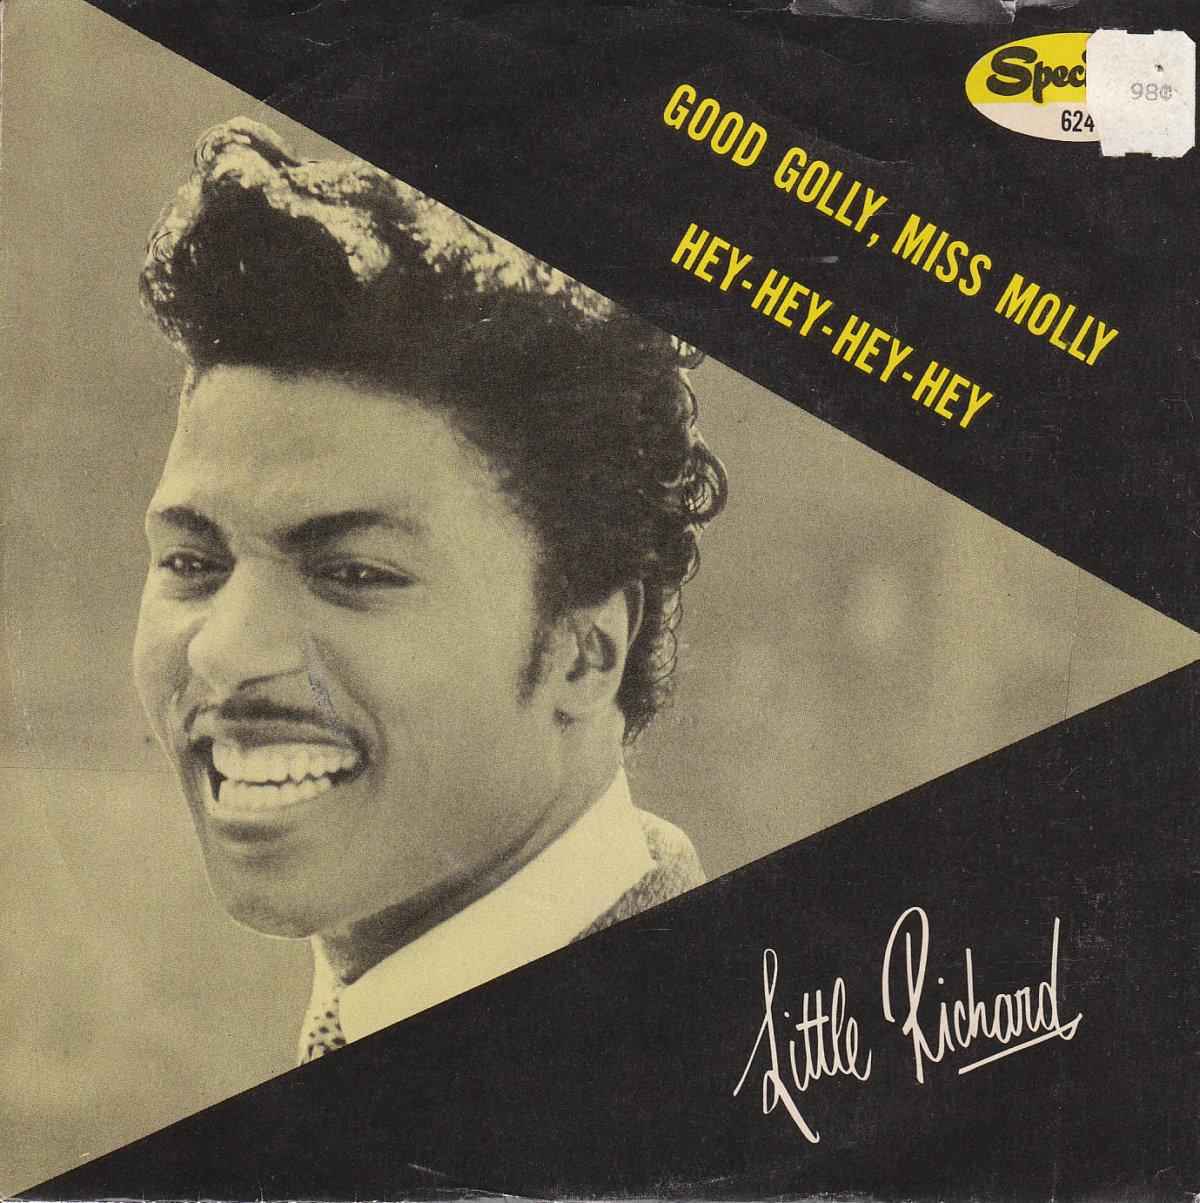 El músico Little Richard en la portada de un vinilo